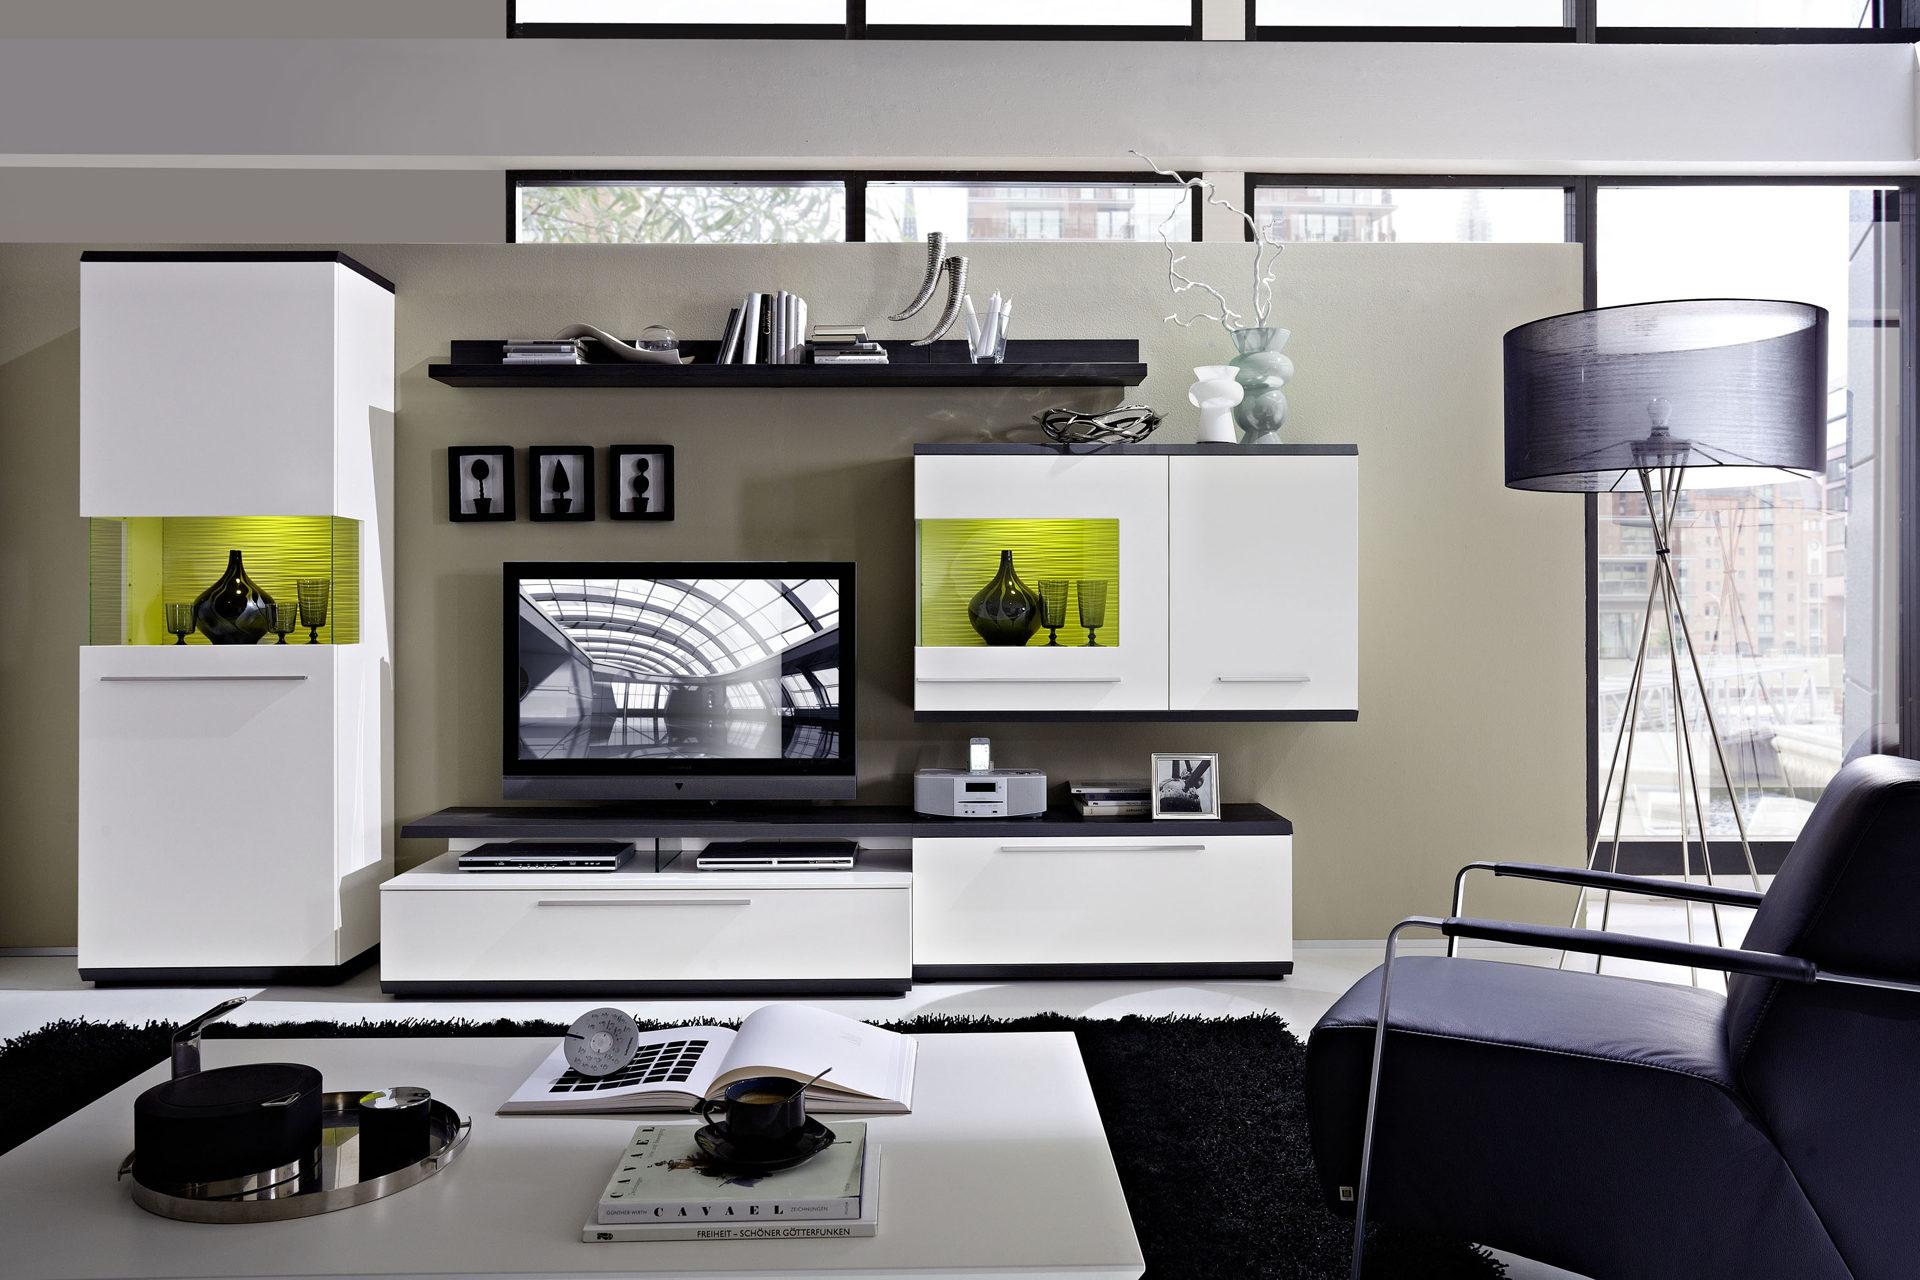 Möbel Steffens Küchen möbel steffens lamstedt partnerring collection designer wohnwand